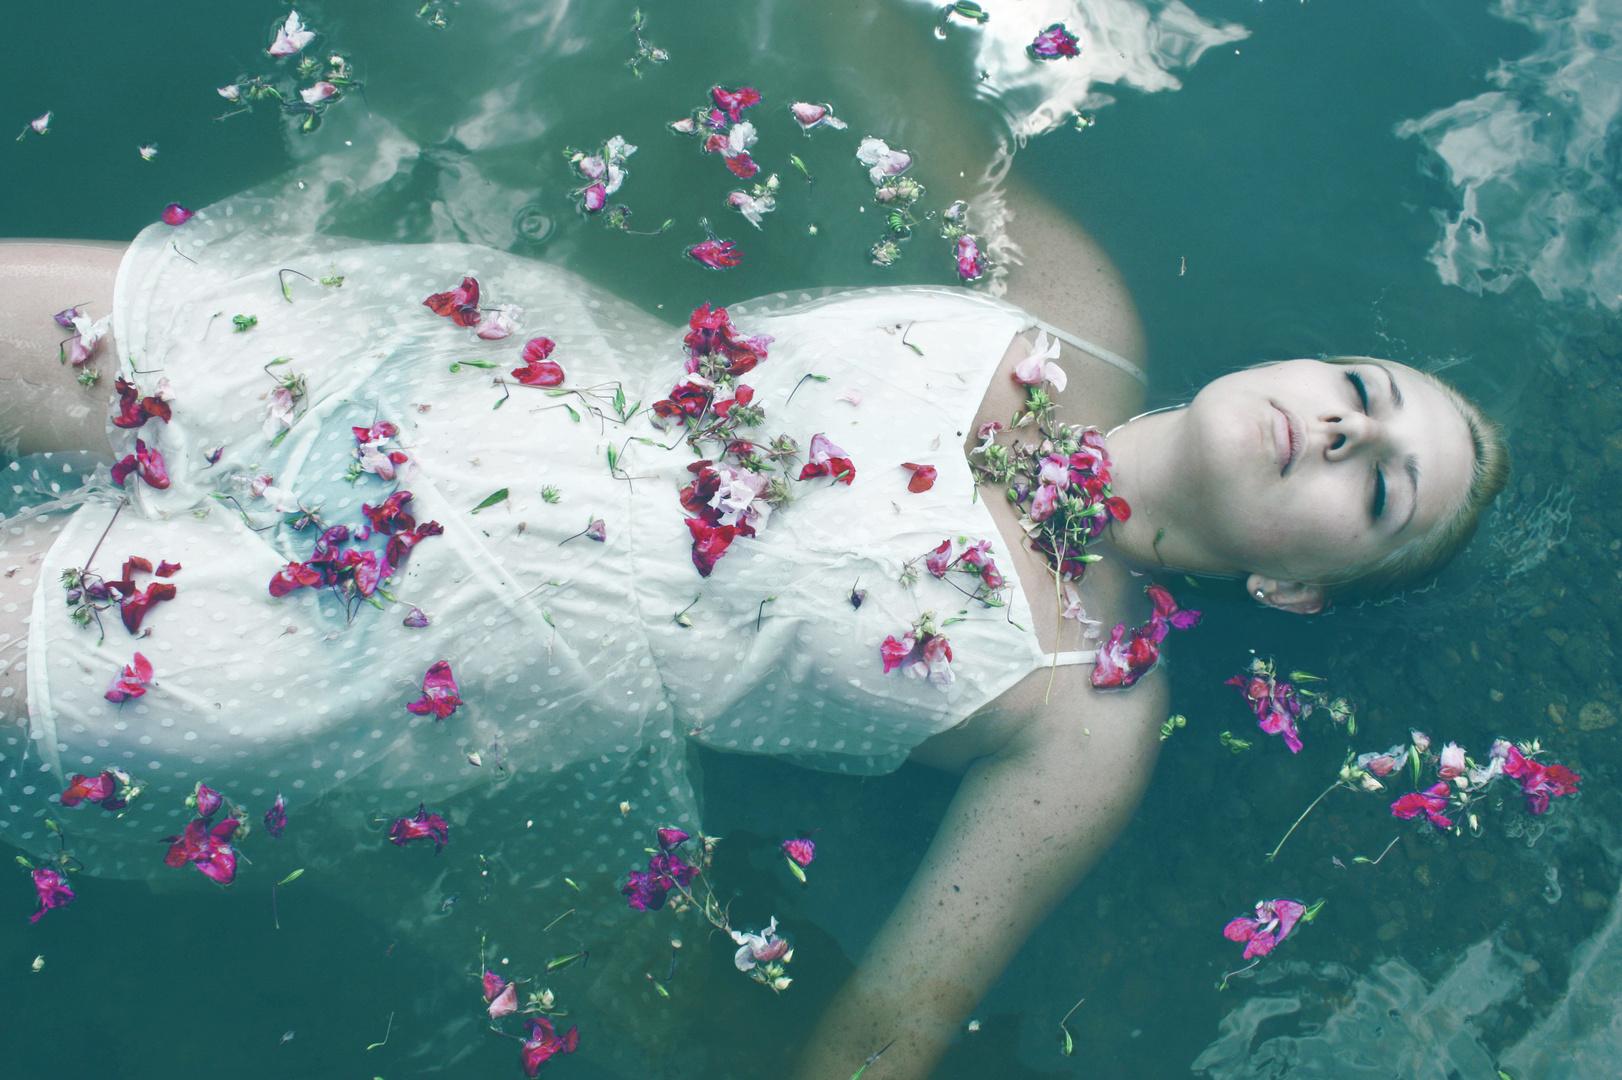 Und manchmal bleibt nur die eigene Enklave der Fantasie, denn dorthin kommen sie nie..